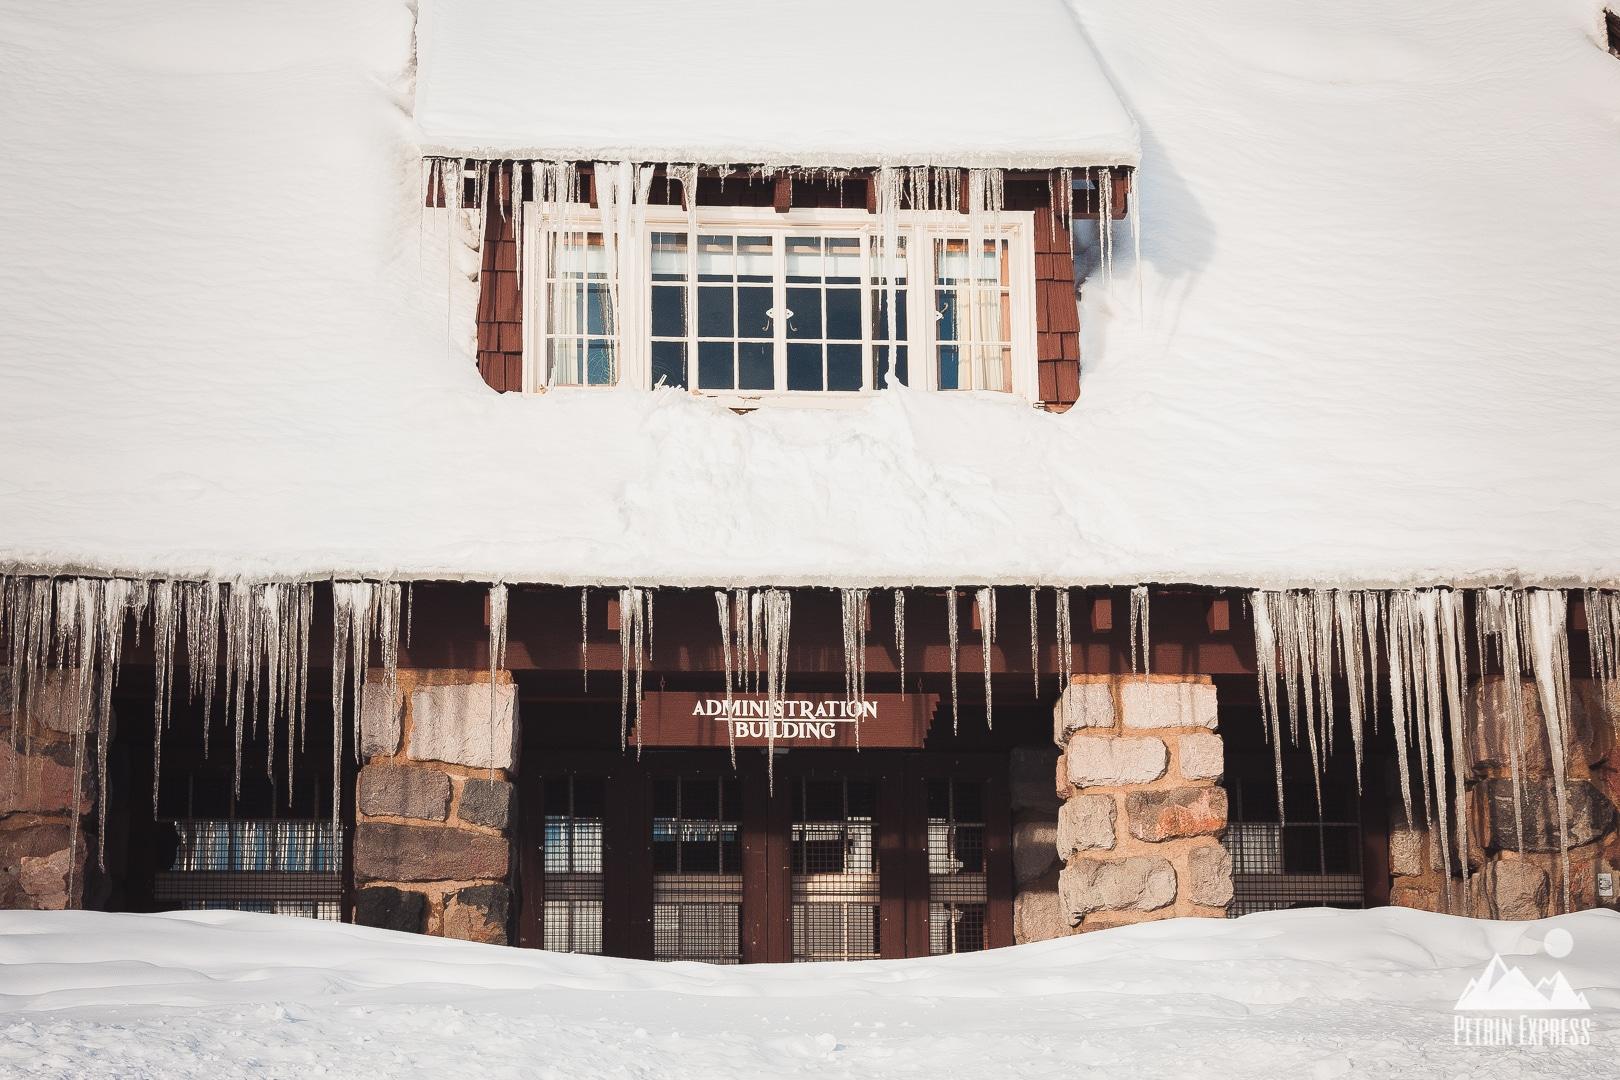 Voilà à quoi ressemblait le Visitor Center de Crater Lake quand nous y sommes allés.